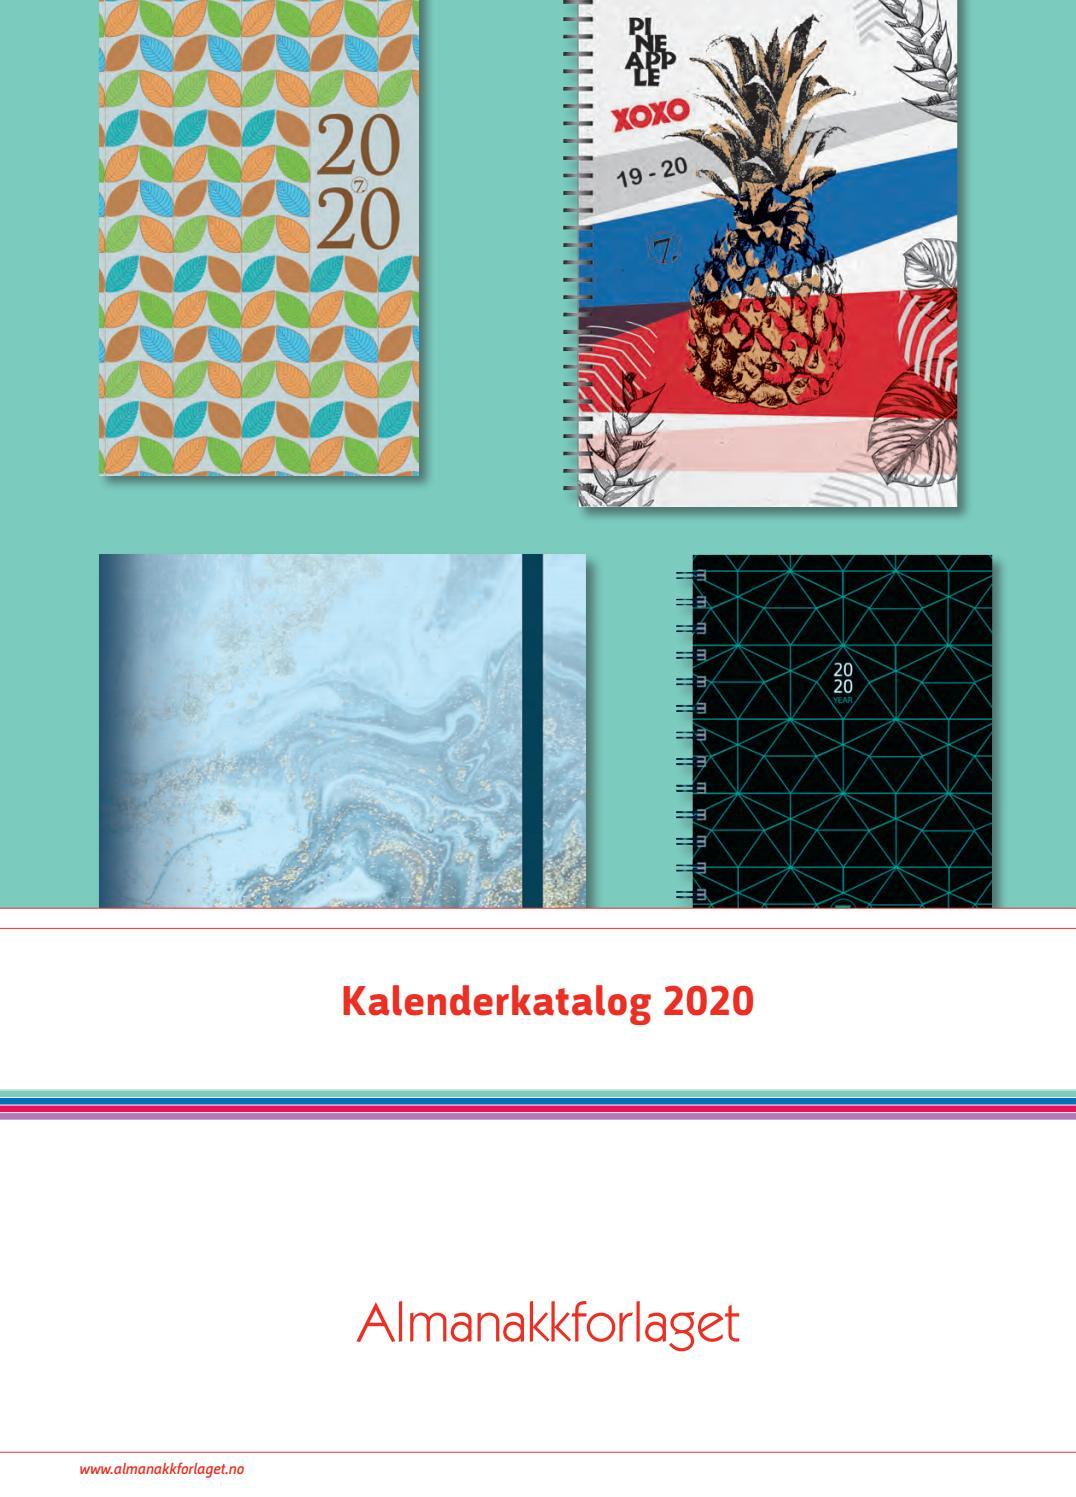 Kalenderkatalog 2020 By Almanakkforlaget  Issuu in Norsk Ukekalender 2020